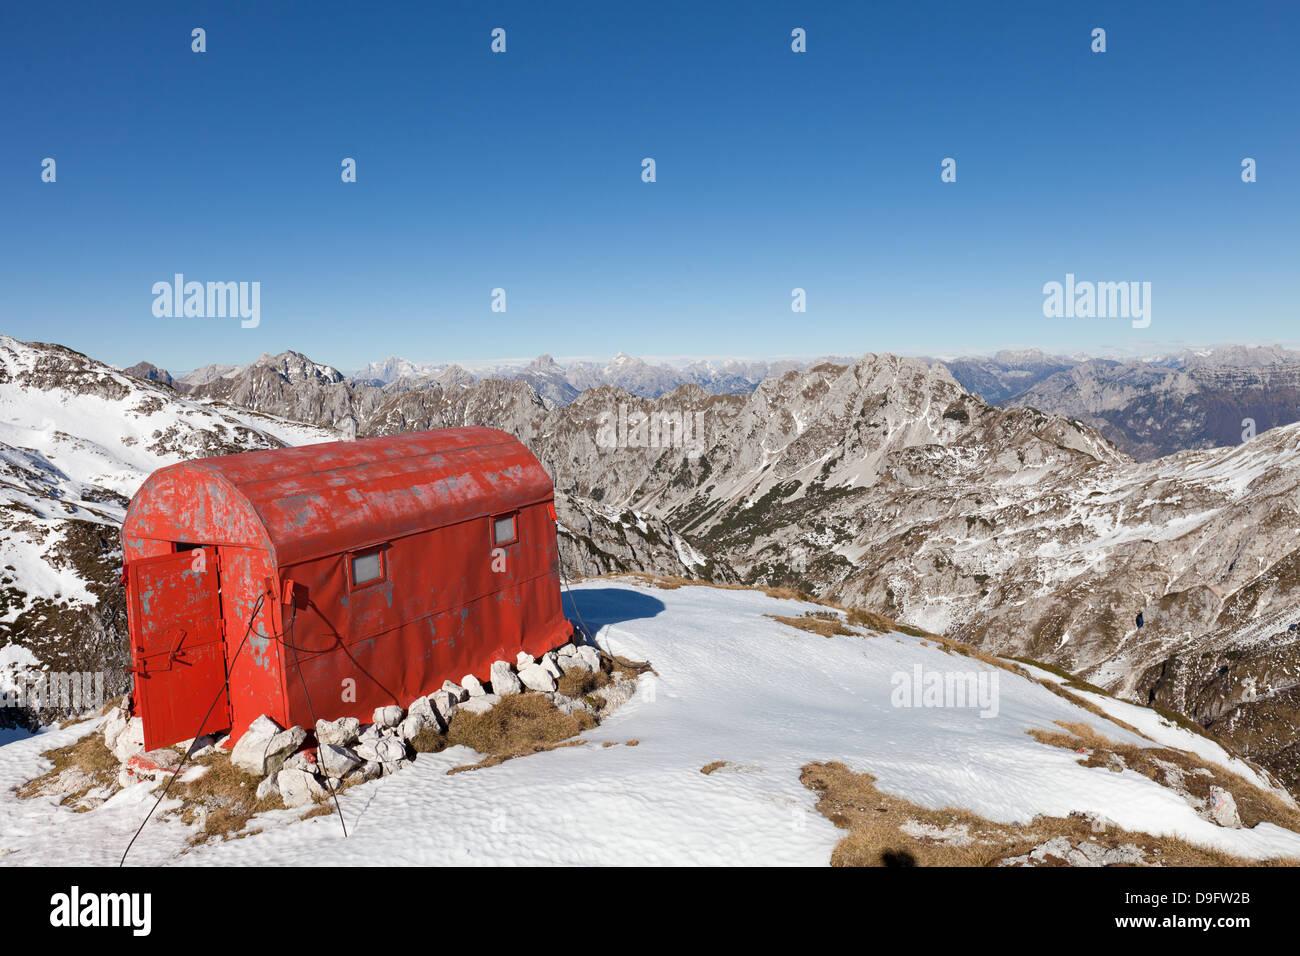 Im Winter Tierheim auf Laste Sattel, in der Nähe von Semenza Zuflucht, Alpago, Belluno, Italienische Alpen, Stockbild